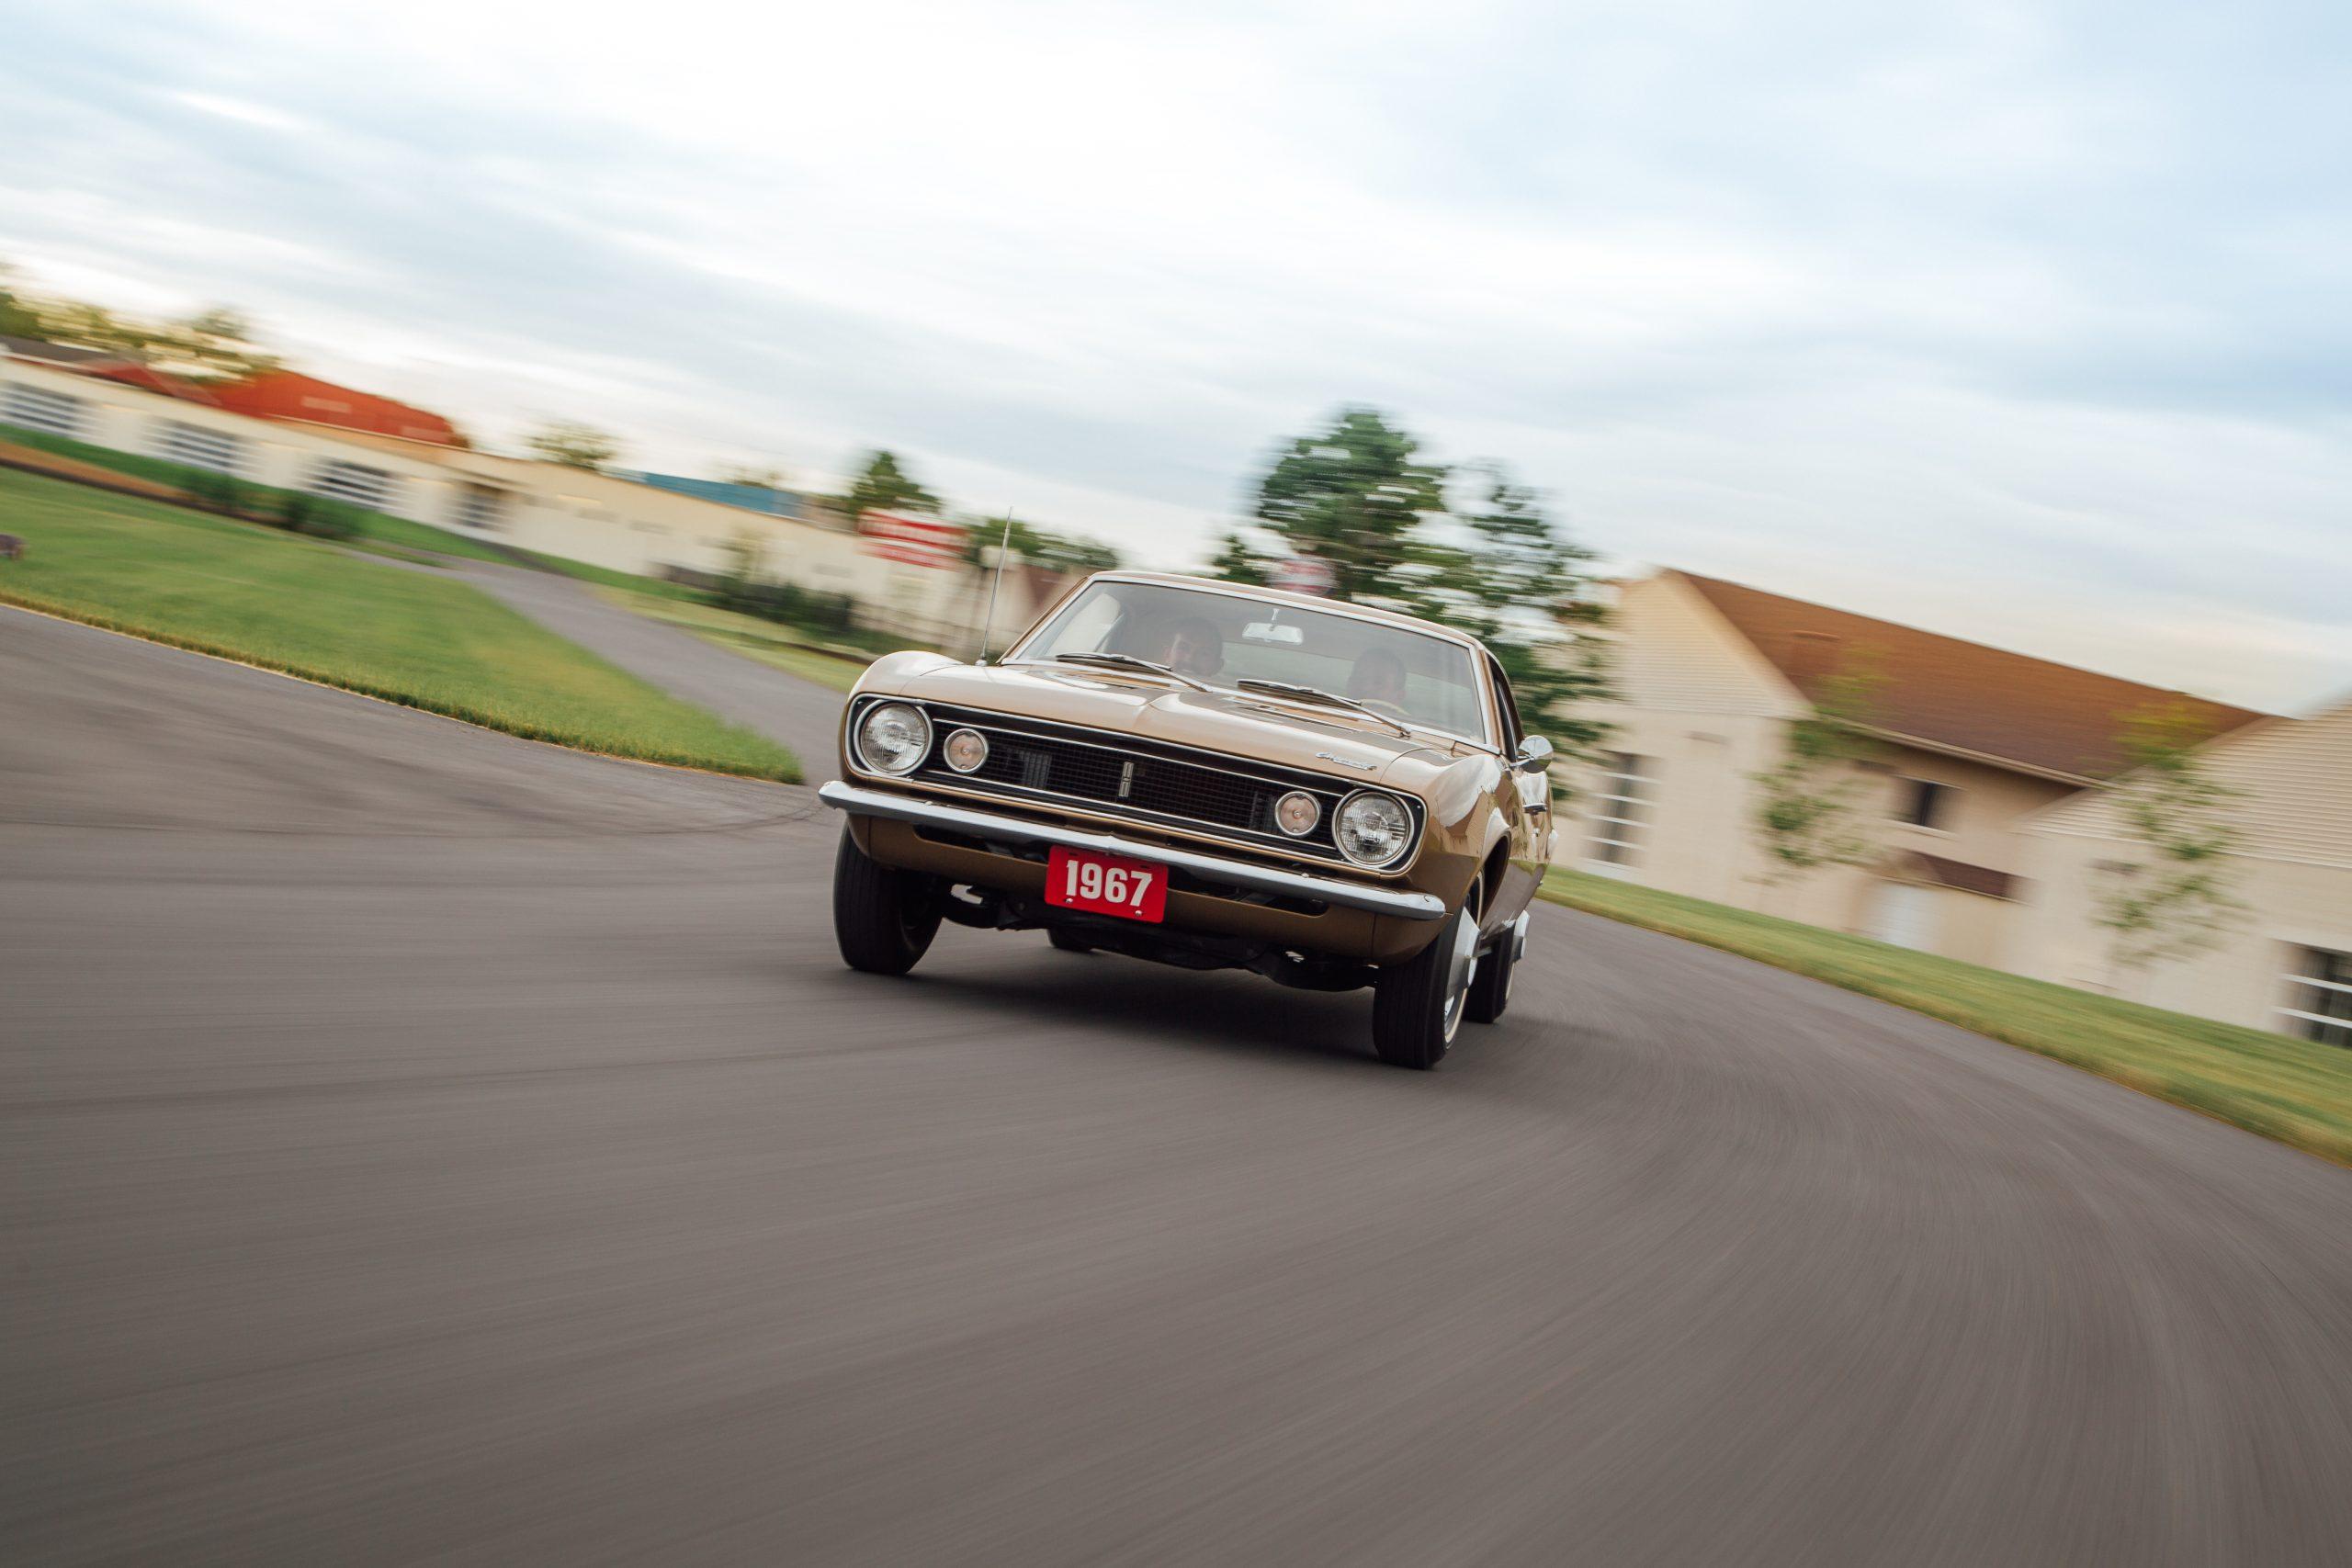 HVA - Chevrolet Camaro N100001 - full in motion